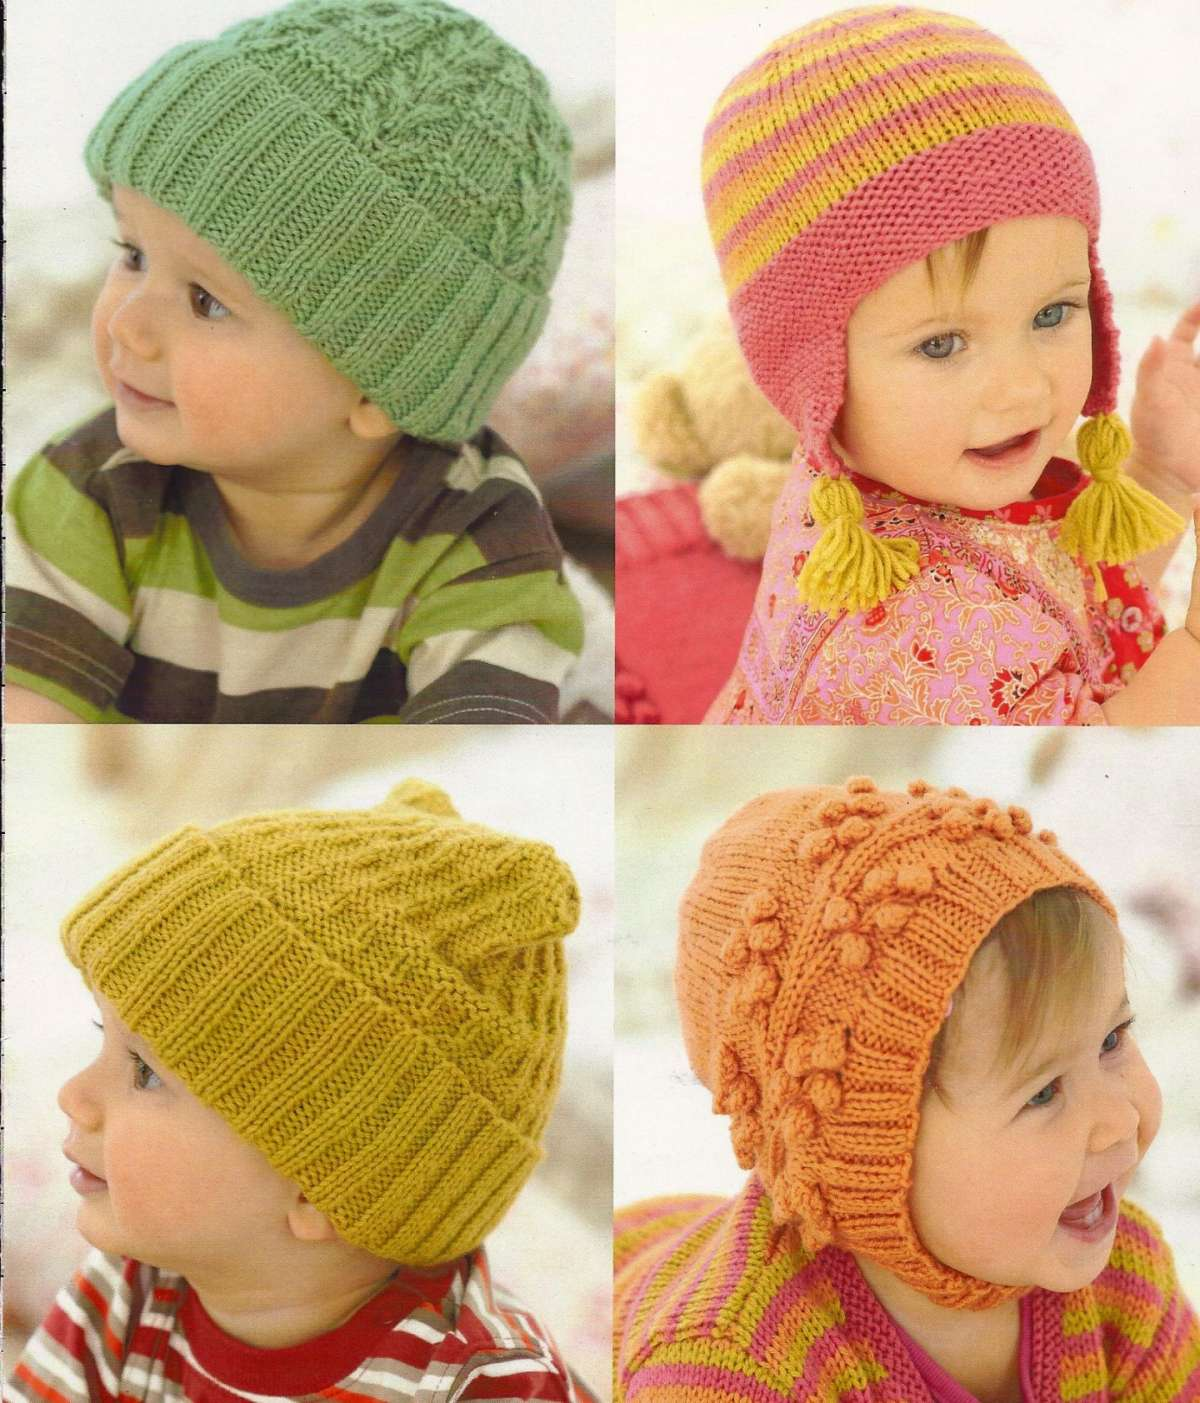 abbastanza Cappelli a maglia per bambino: schemi e idee [FOTO] | Pourfemme TP57